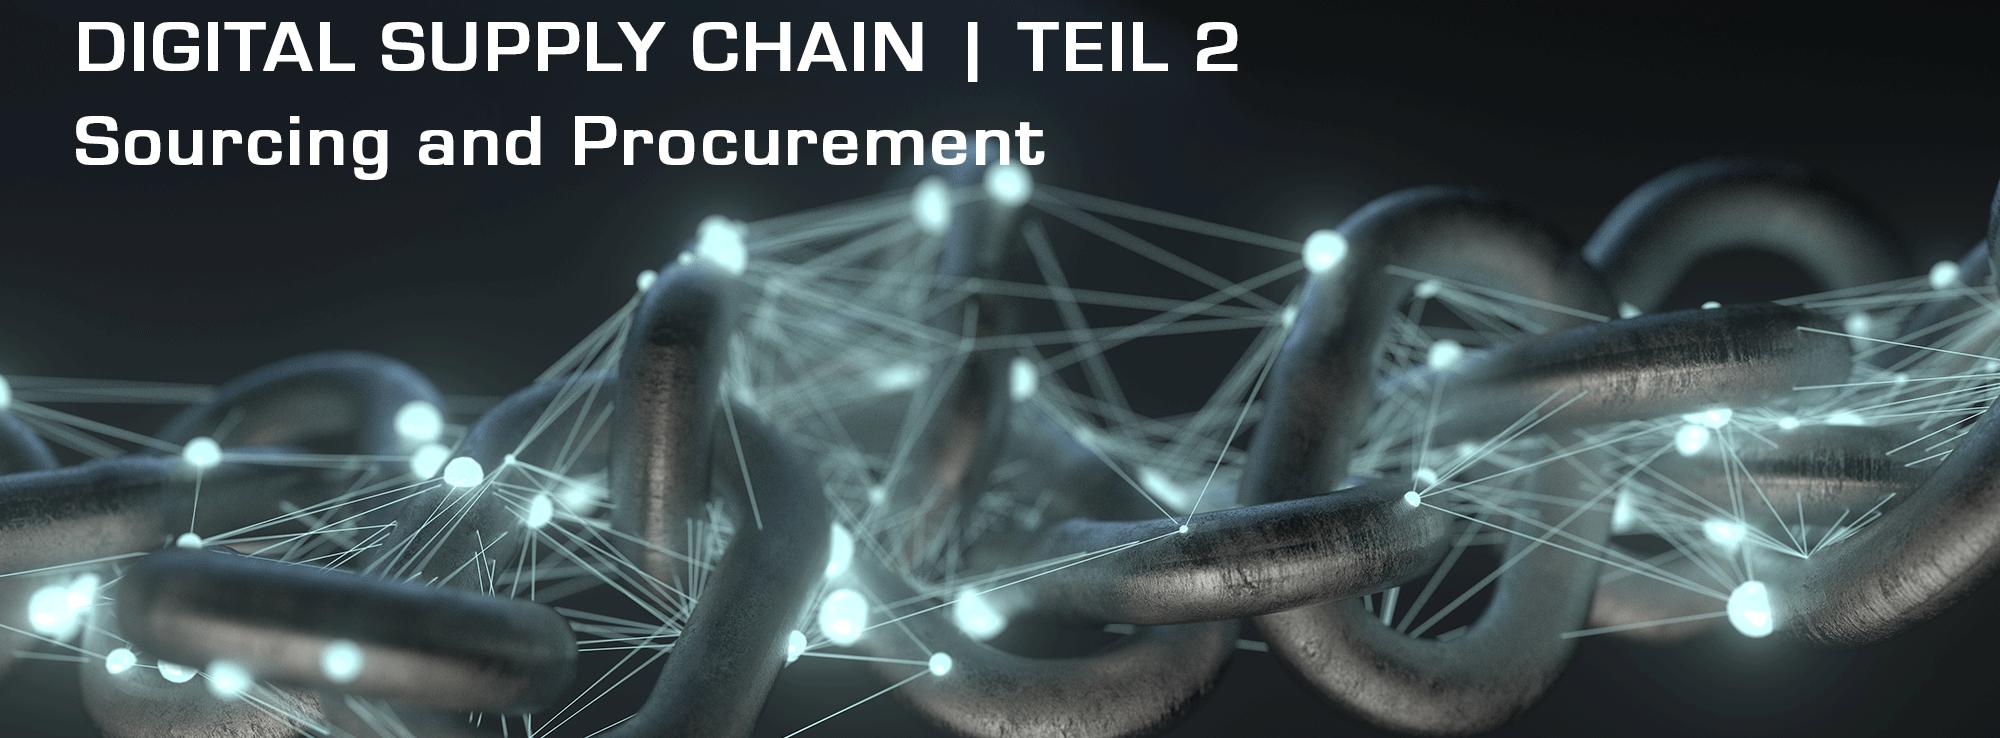 Header-Webinaraufzeichnungen-DSCD-sourcing-procurement-2000x738